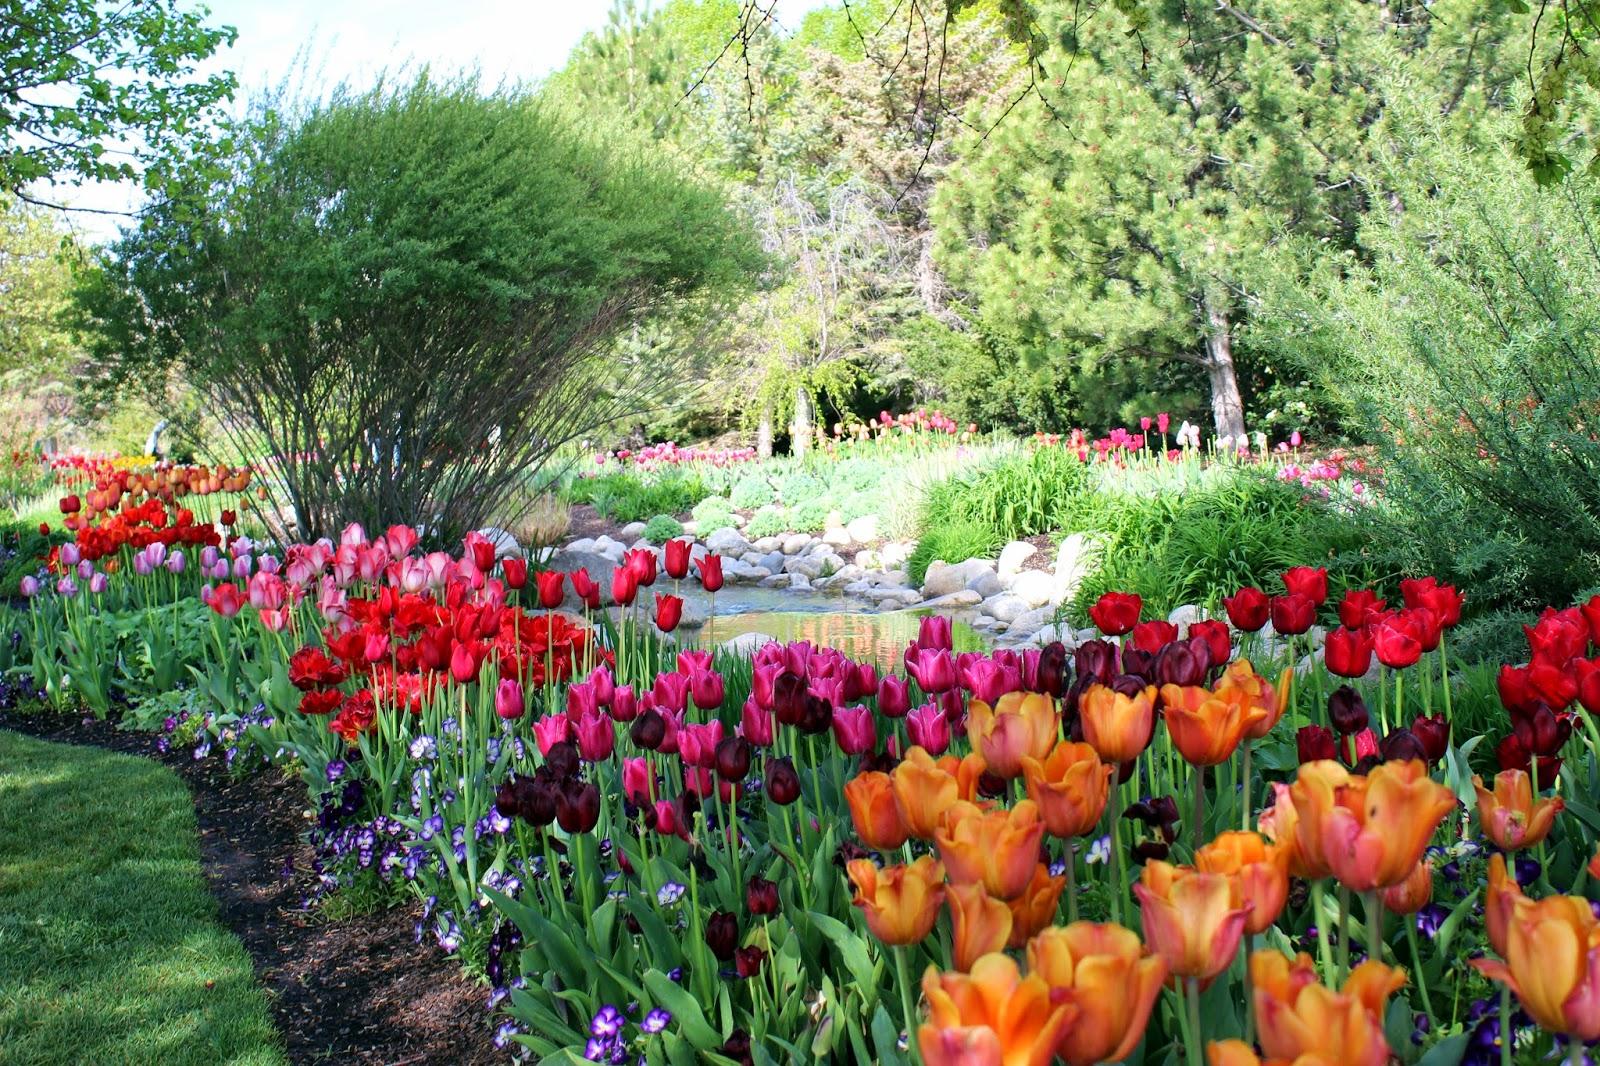 The Lehman Ites Tulip Festival